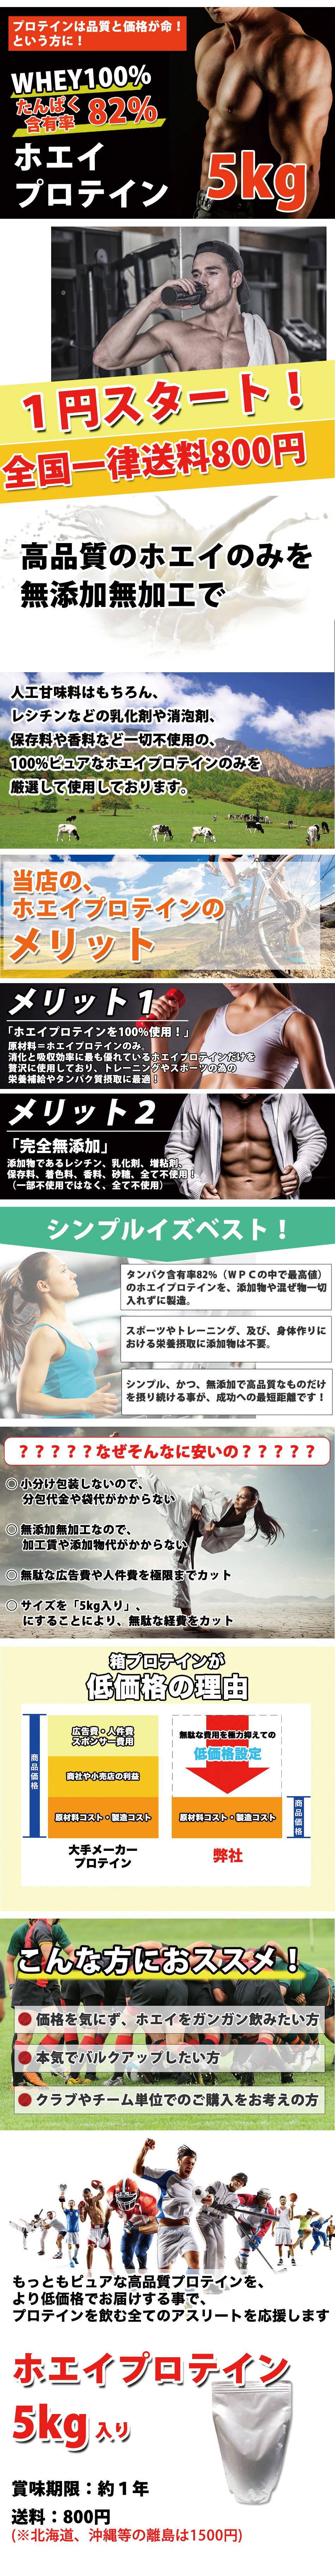 ピュア・ホエイプロテイン3kg